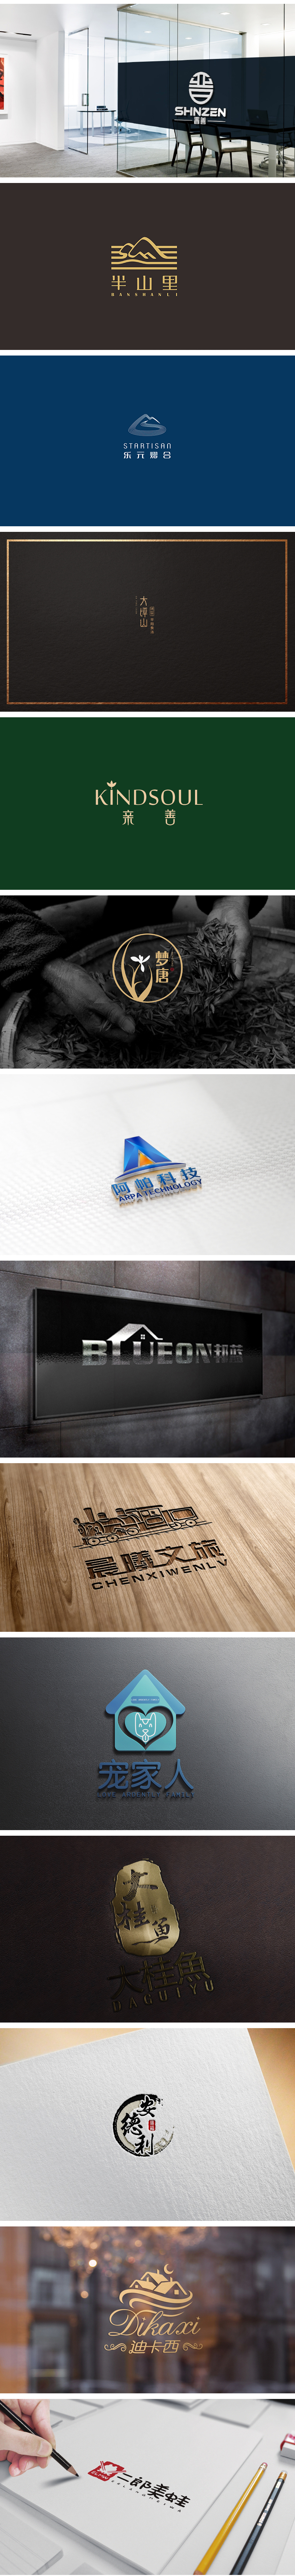 _logo设计可注册副总监操刀企业品牌标志商标LOGO设计公司2